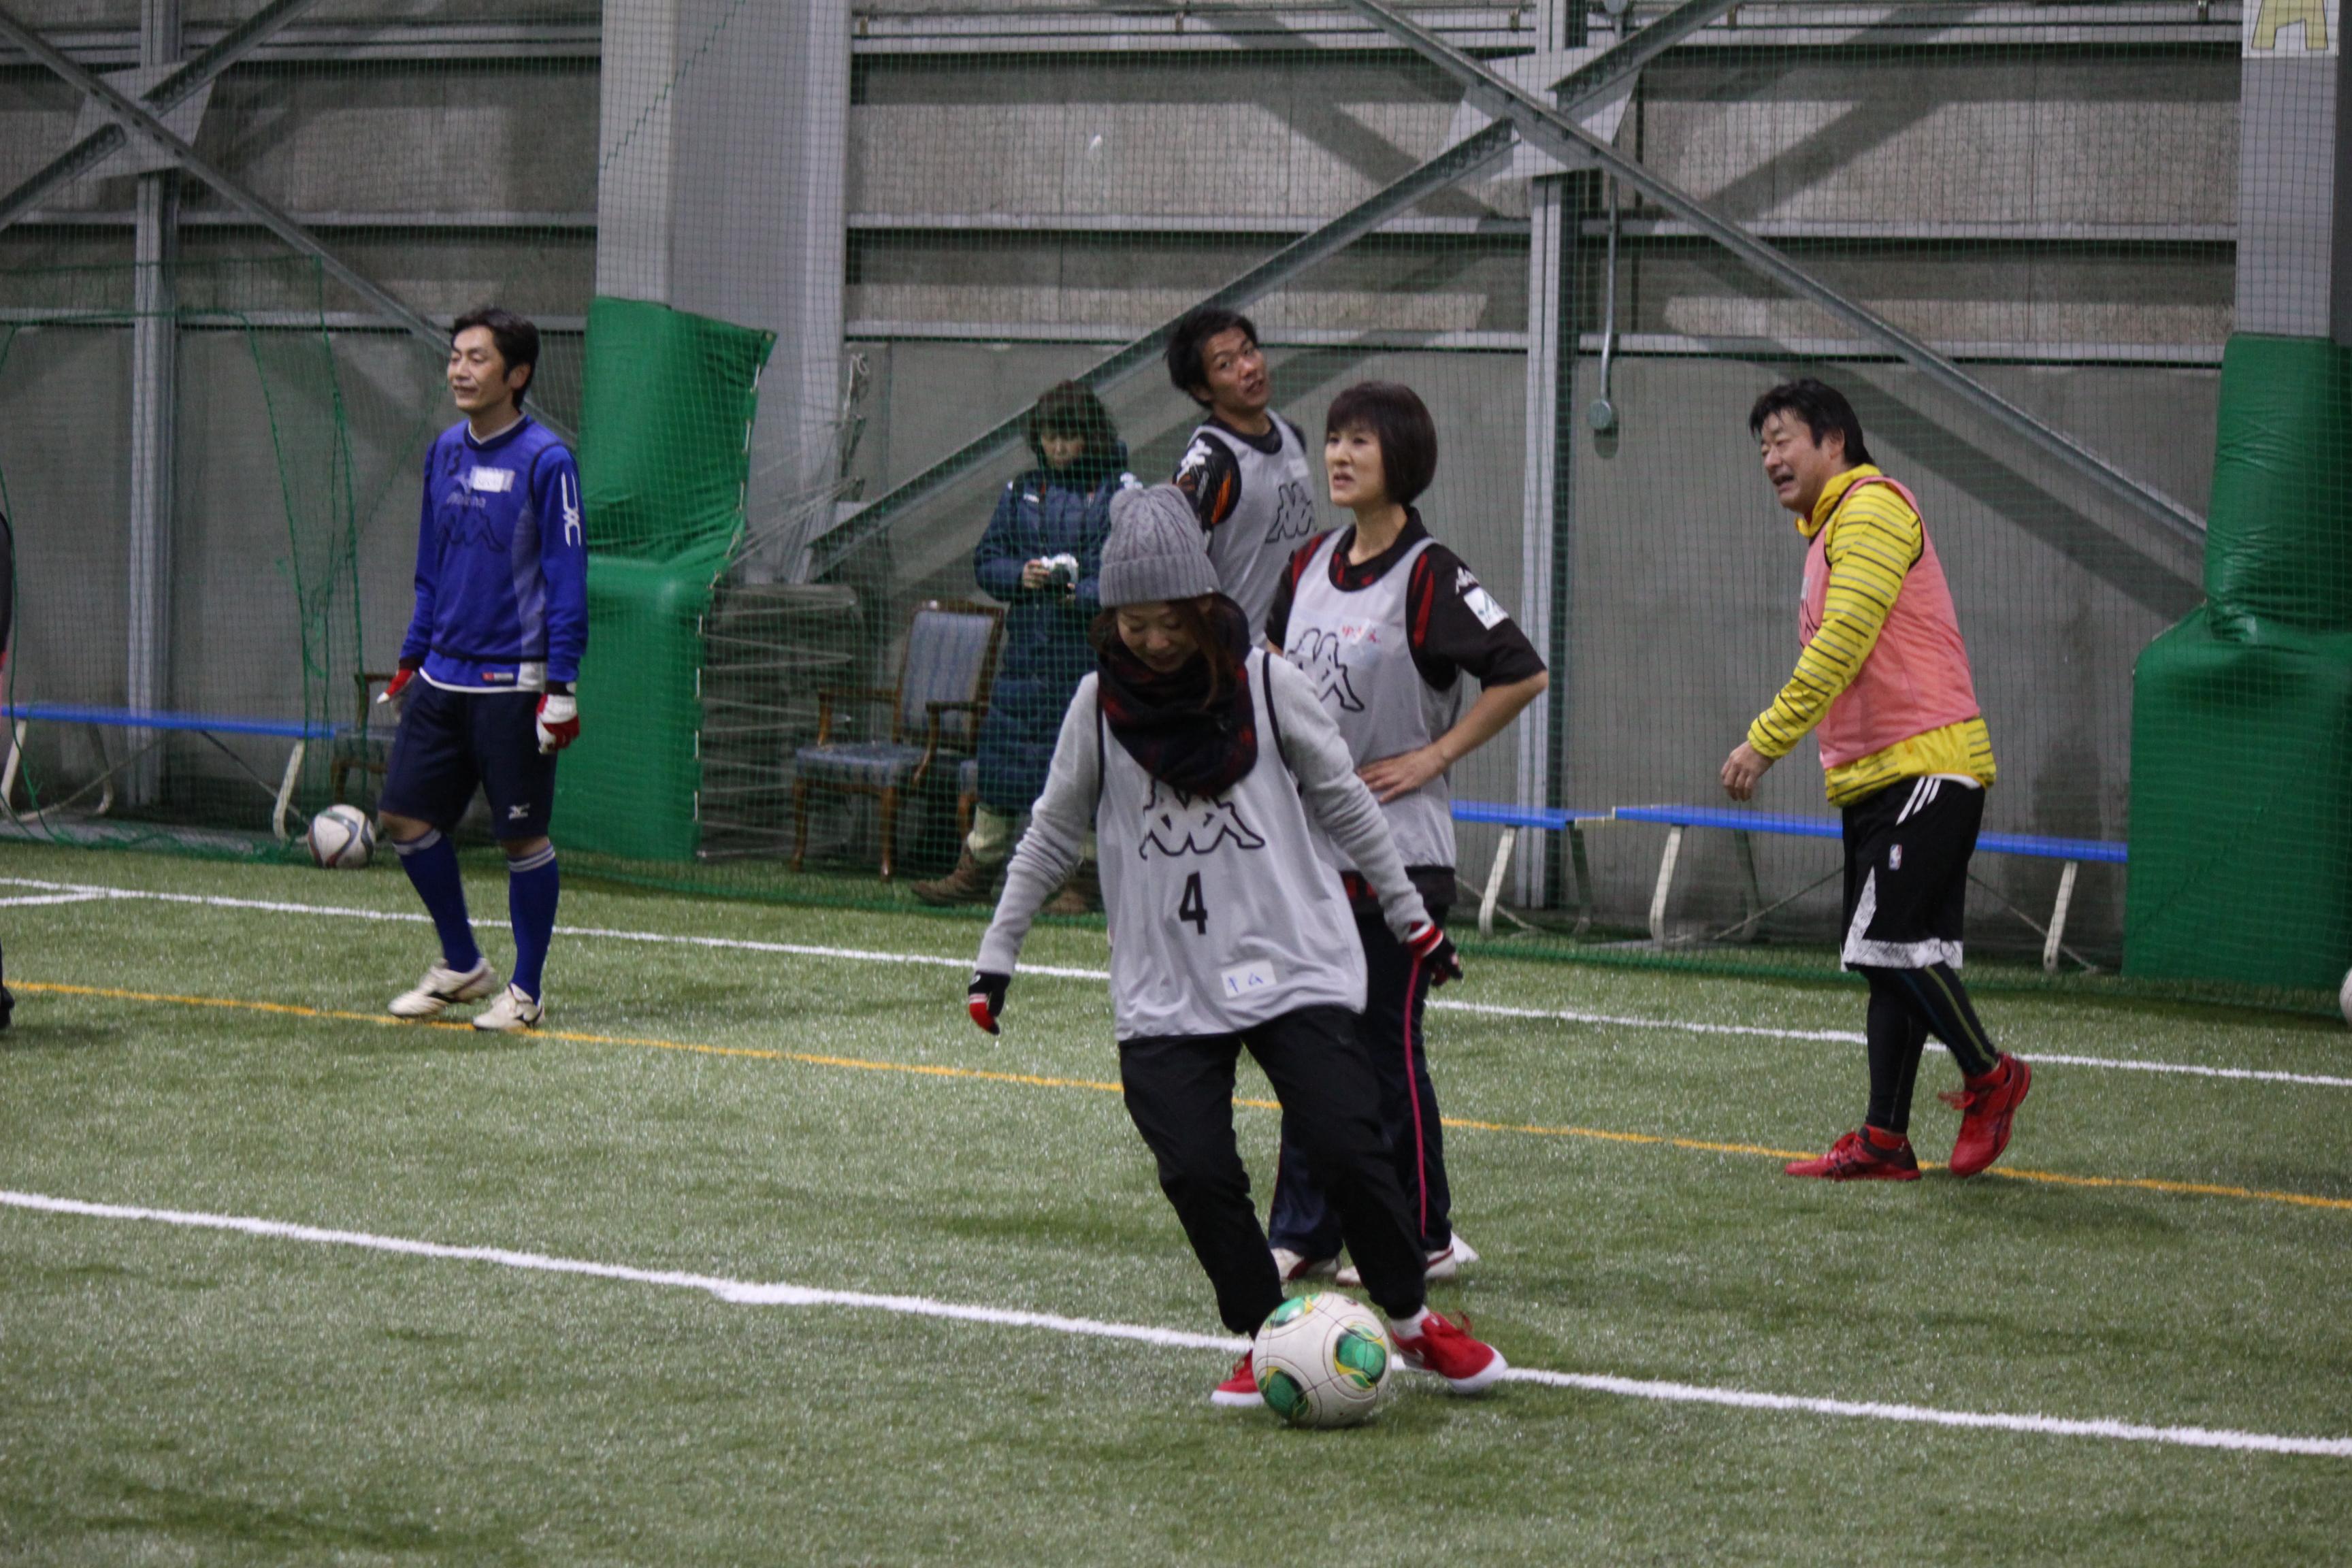 http://chsc.jp/news/up_images/IMG_9591.JPG